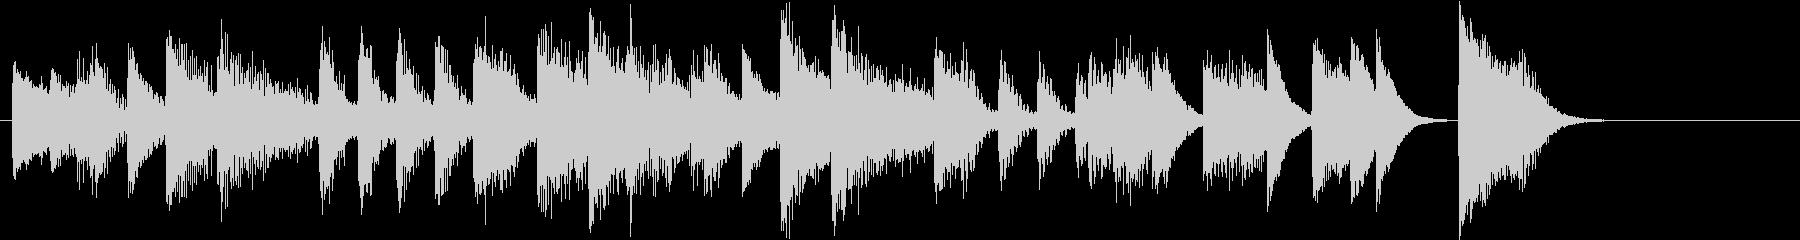 アップテンポクールジャズのピアノジングルの未再生の波形